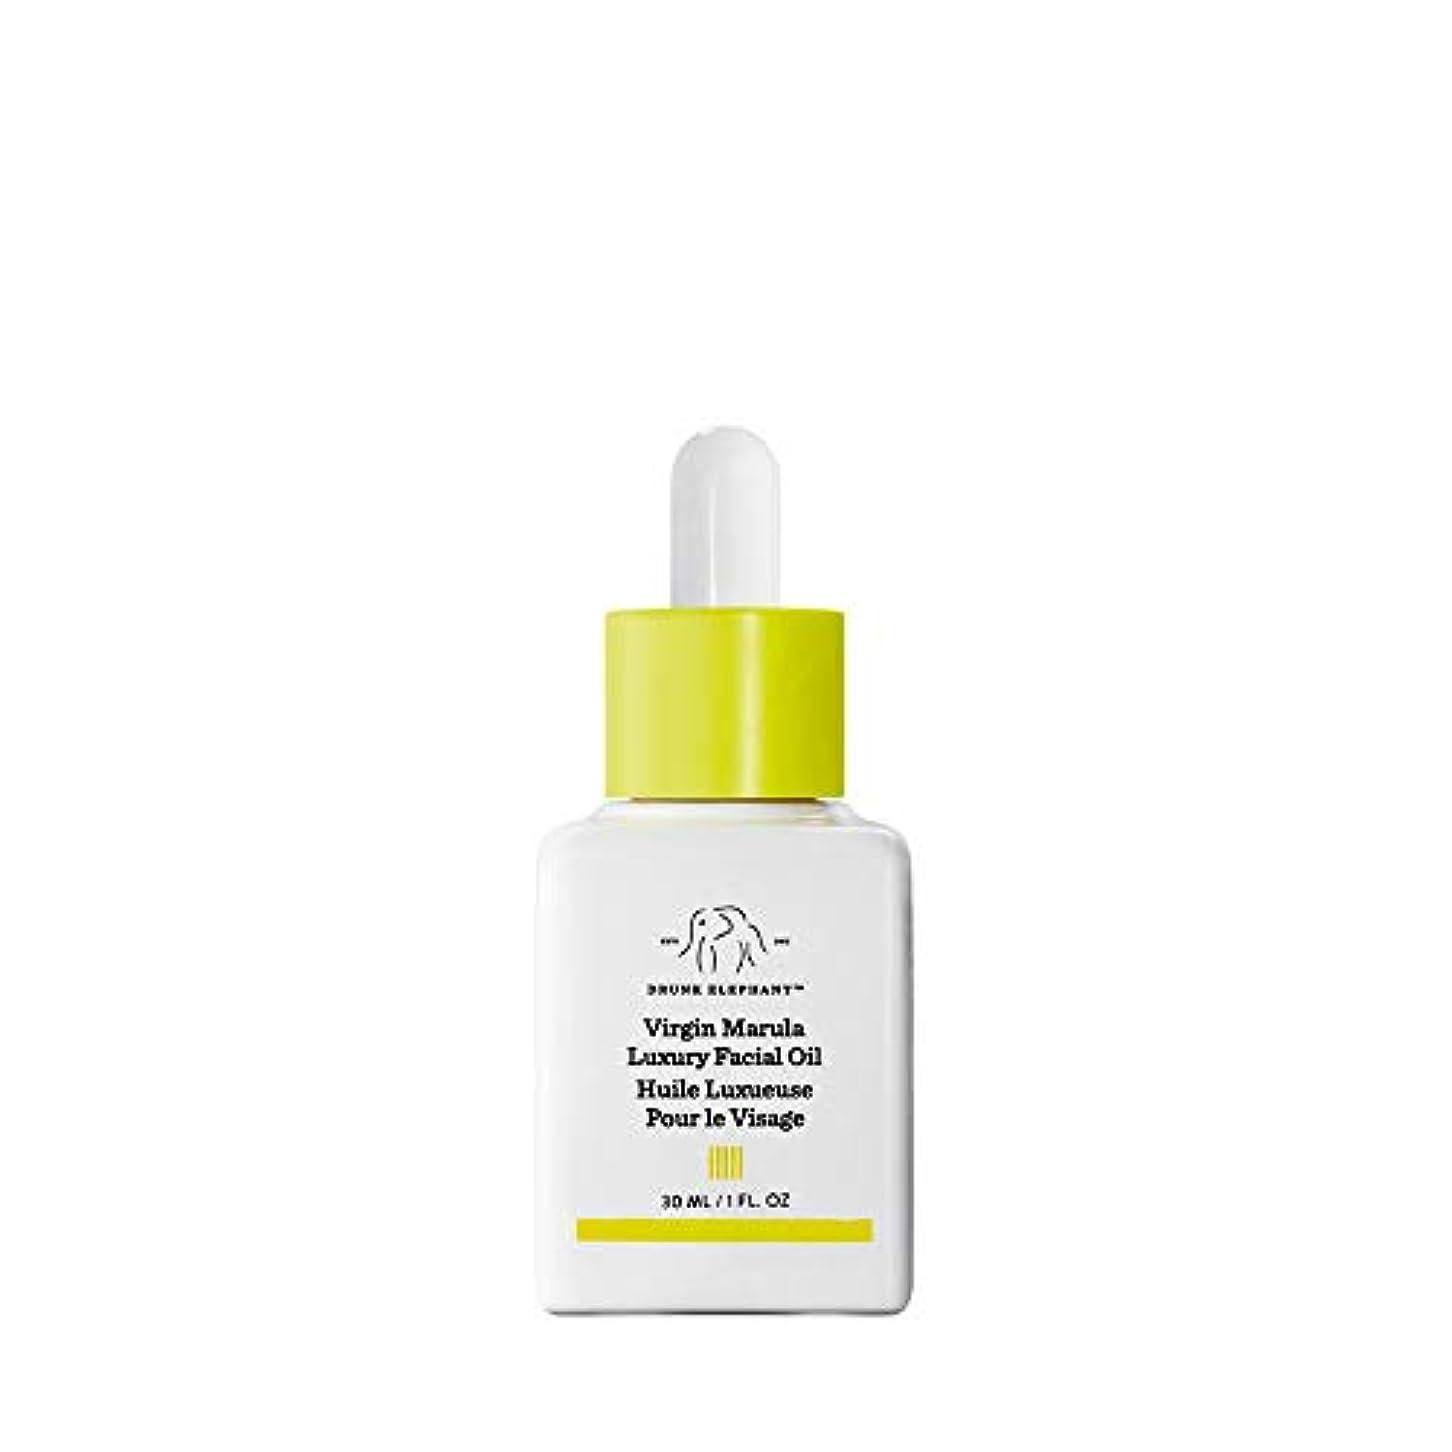 合併症慣習無力DRUNK ELEPHANT Virgin Marula Luxury Facial Oil 1 oz/ 30 ml ドランクエレファント バージンマルラ ラグジュアリー フェイシャルオイル1 oz/ 30 ml